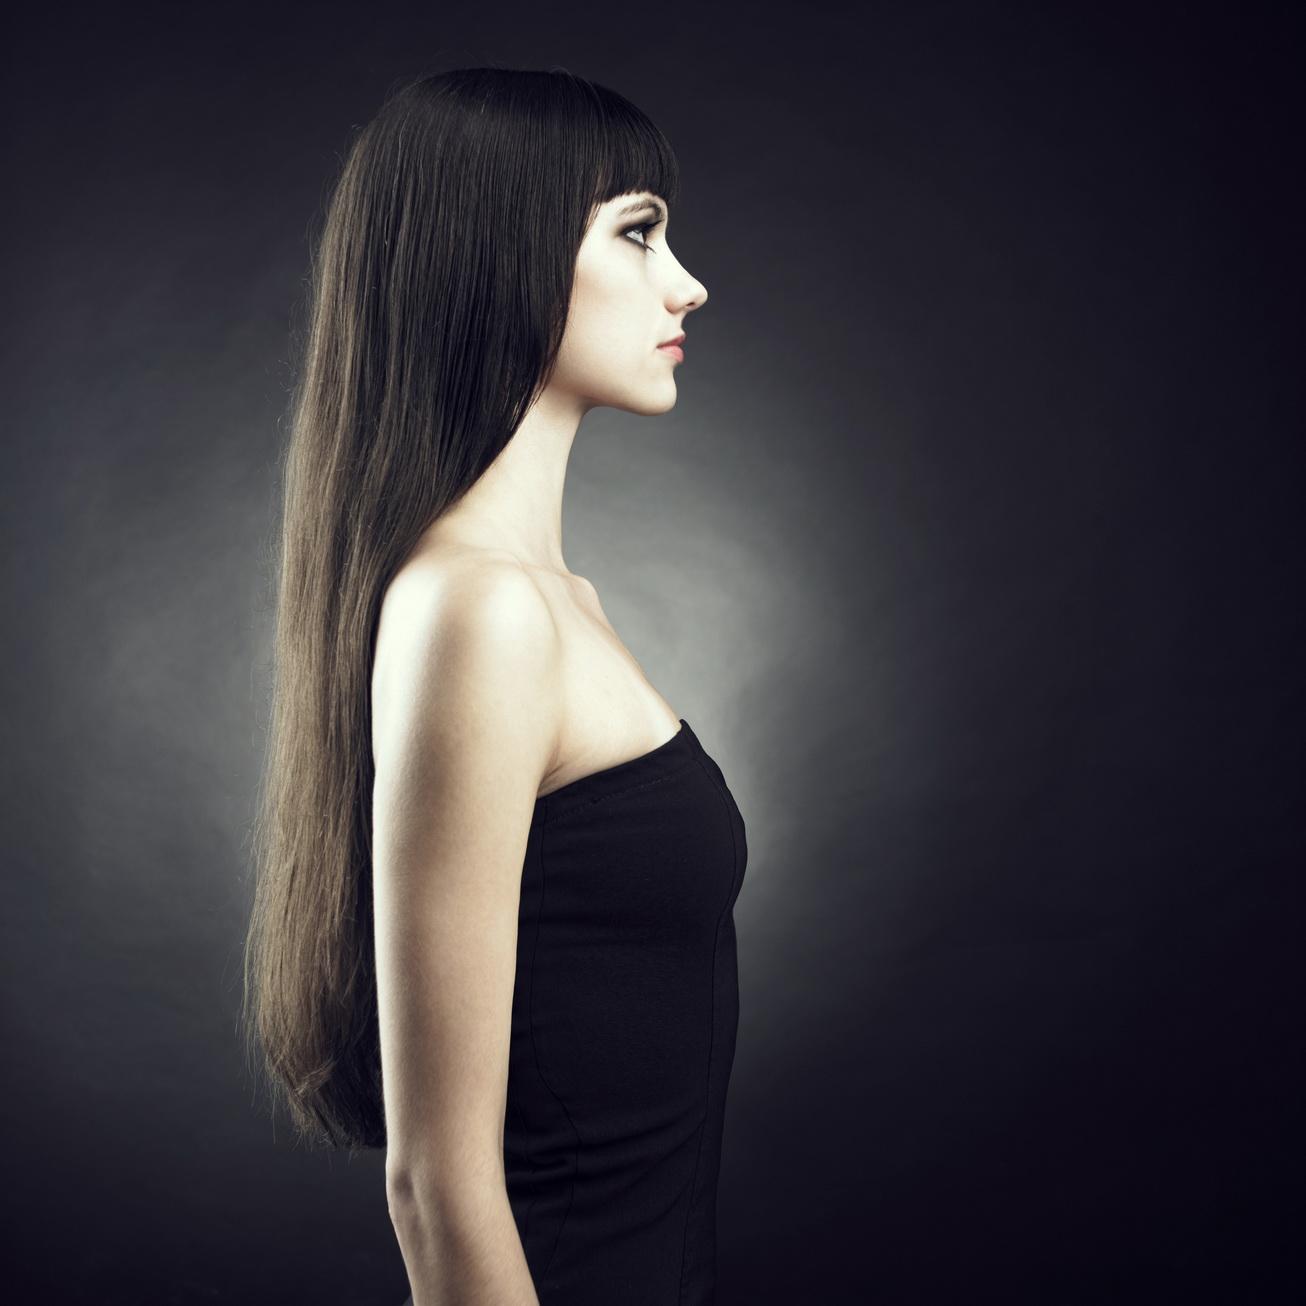 Фото красивые девушки с длинными черными волосами 5 фотография